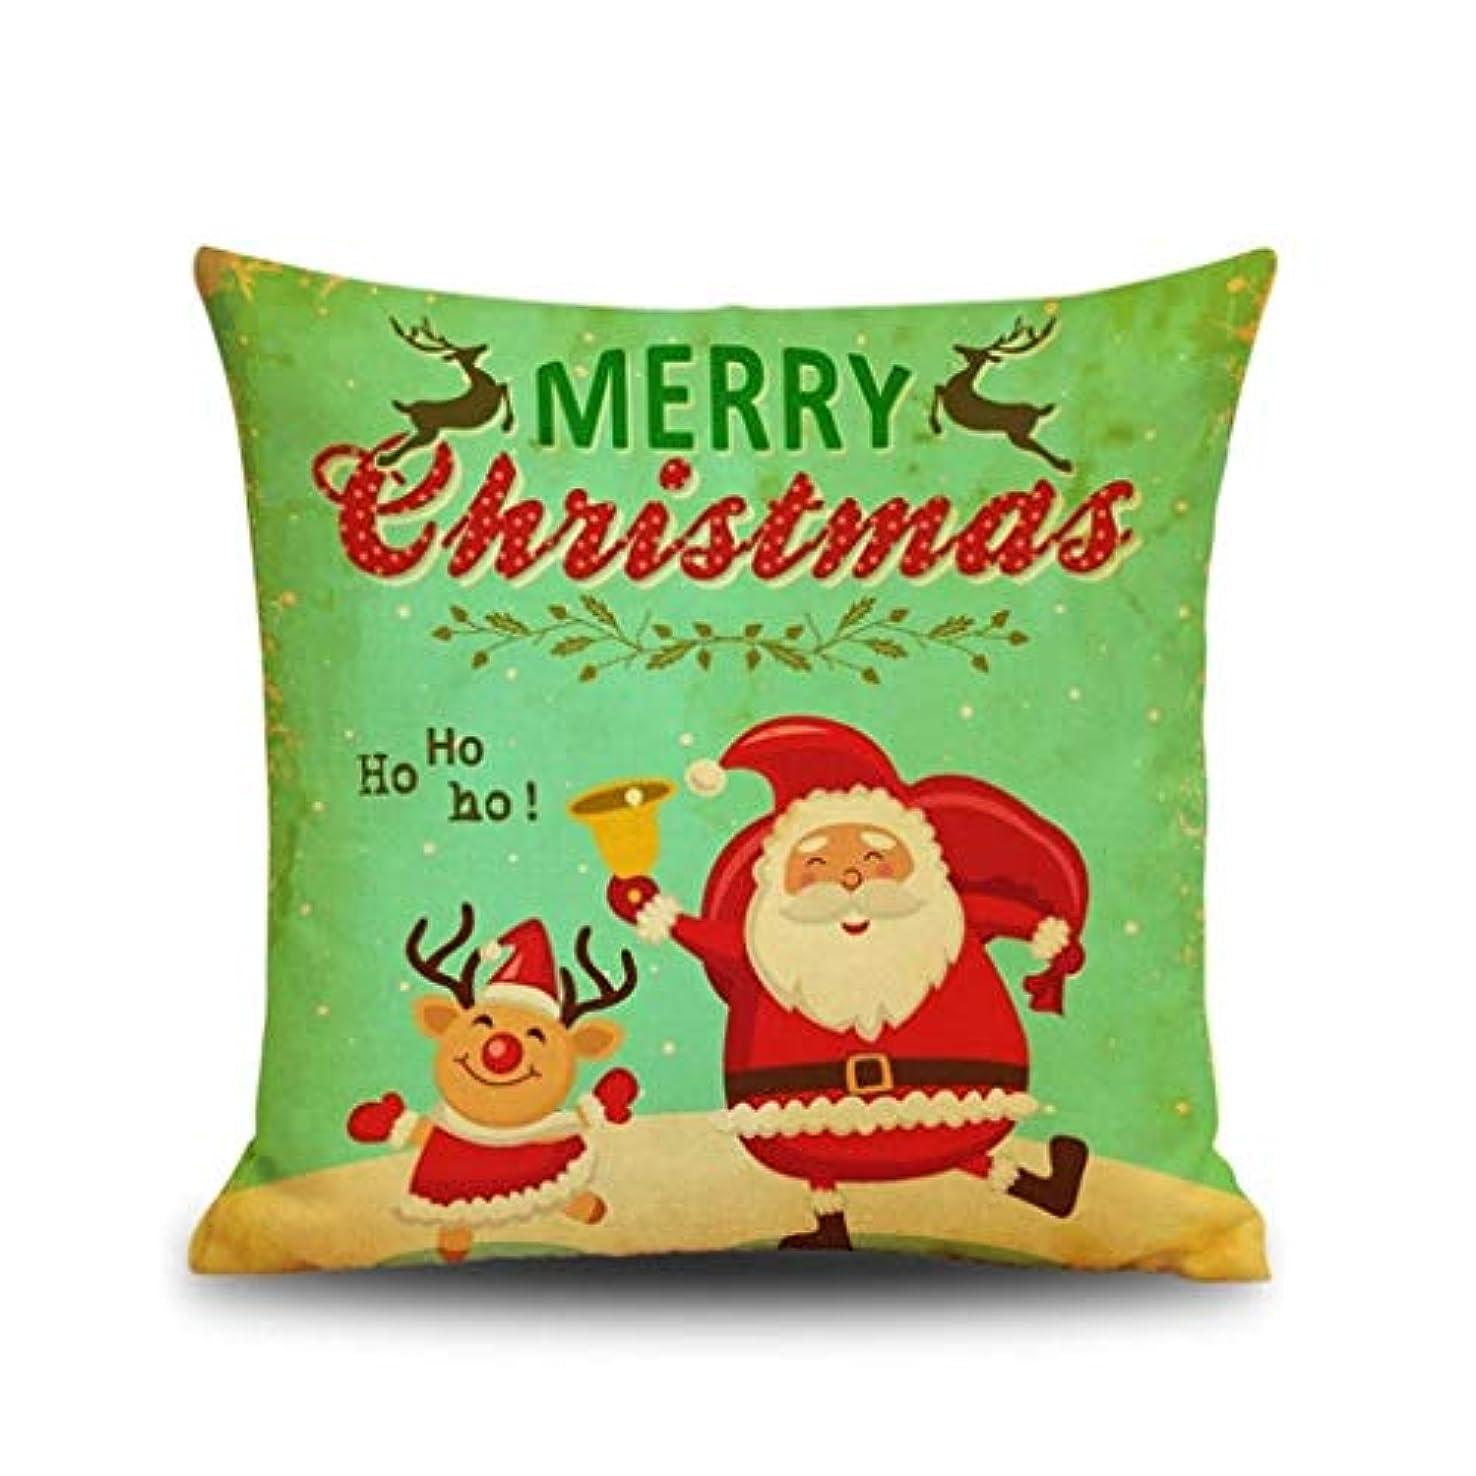 散文信じられない港クッション車の寝室クリスマスリネン枕新年ギフトお祝いクッションスクエアクッションカバーカバーケースソフト